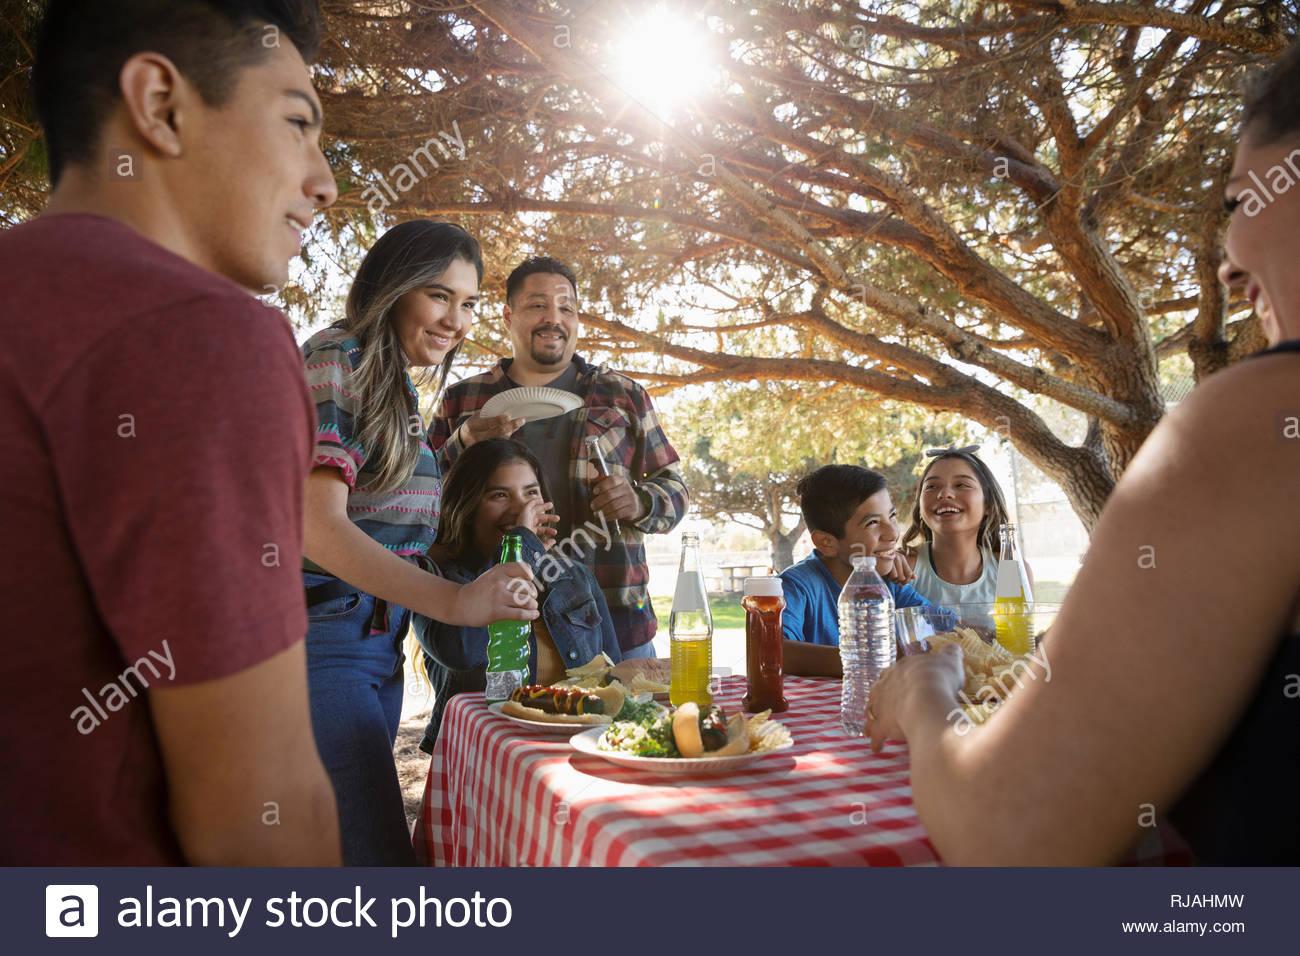 Familia Latinx disfrutando un almuerzo de barbacoa en el parque Foto de stock